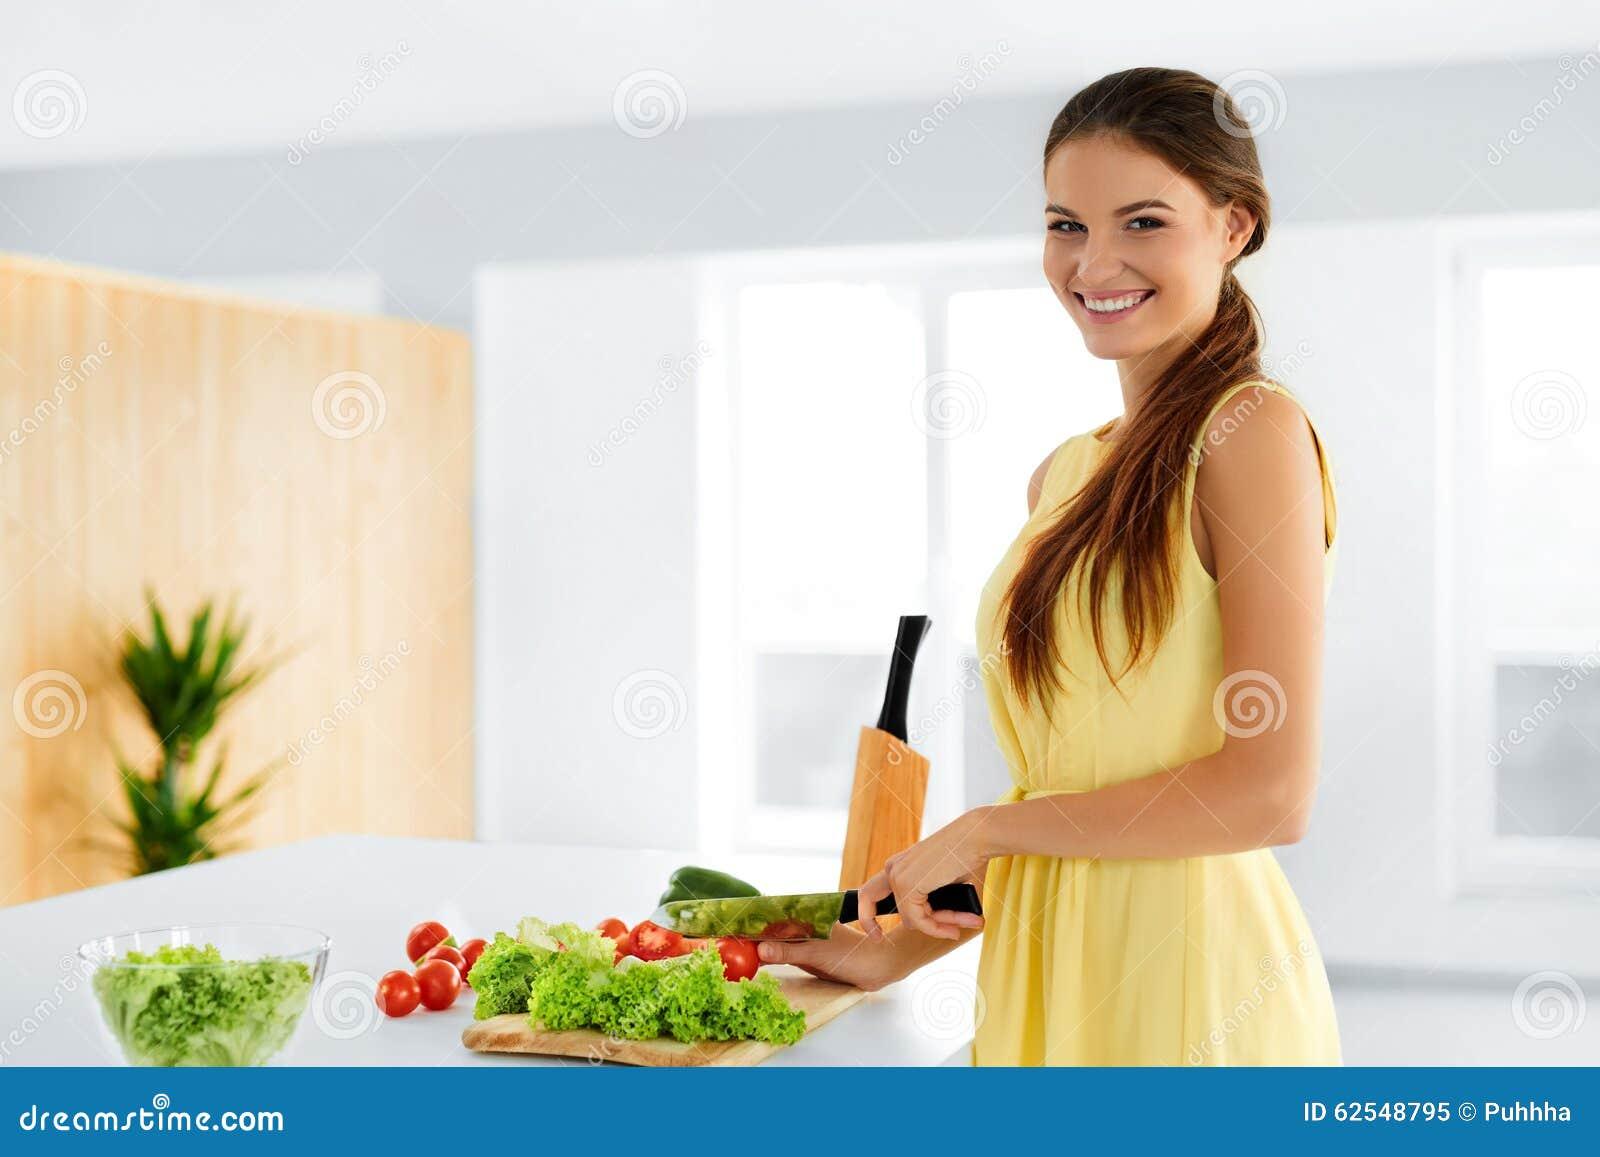 Dieet Gezonde het Eten Vrouwen Kokende Natuurvoeding levensstijl prep